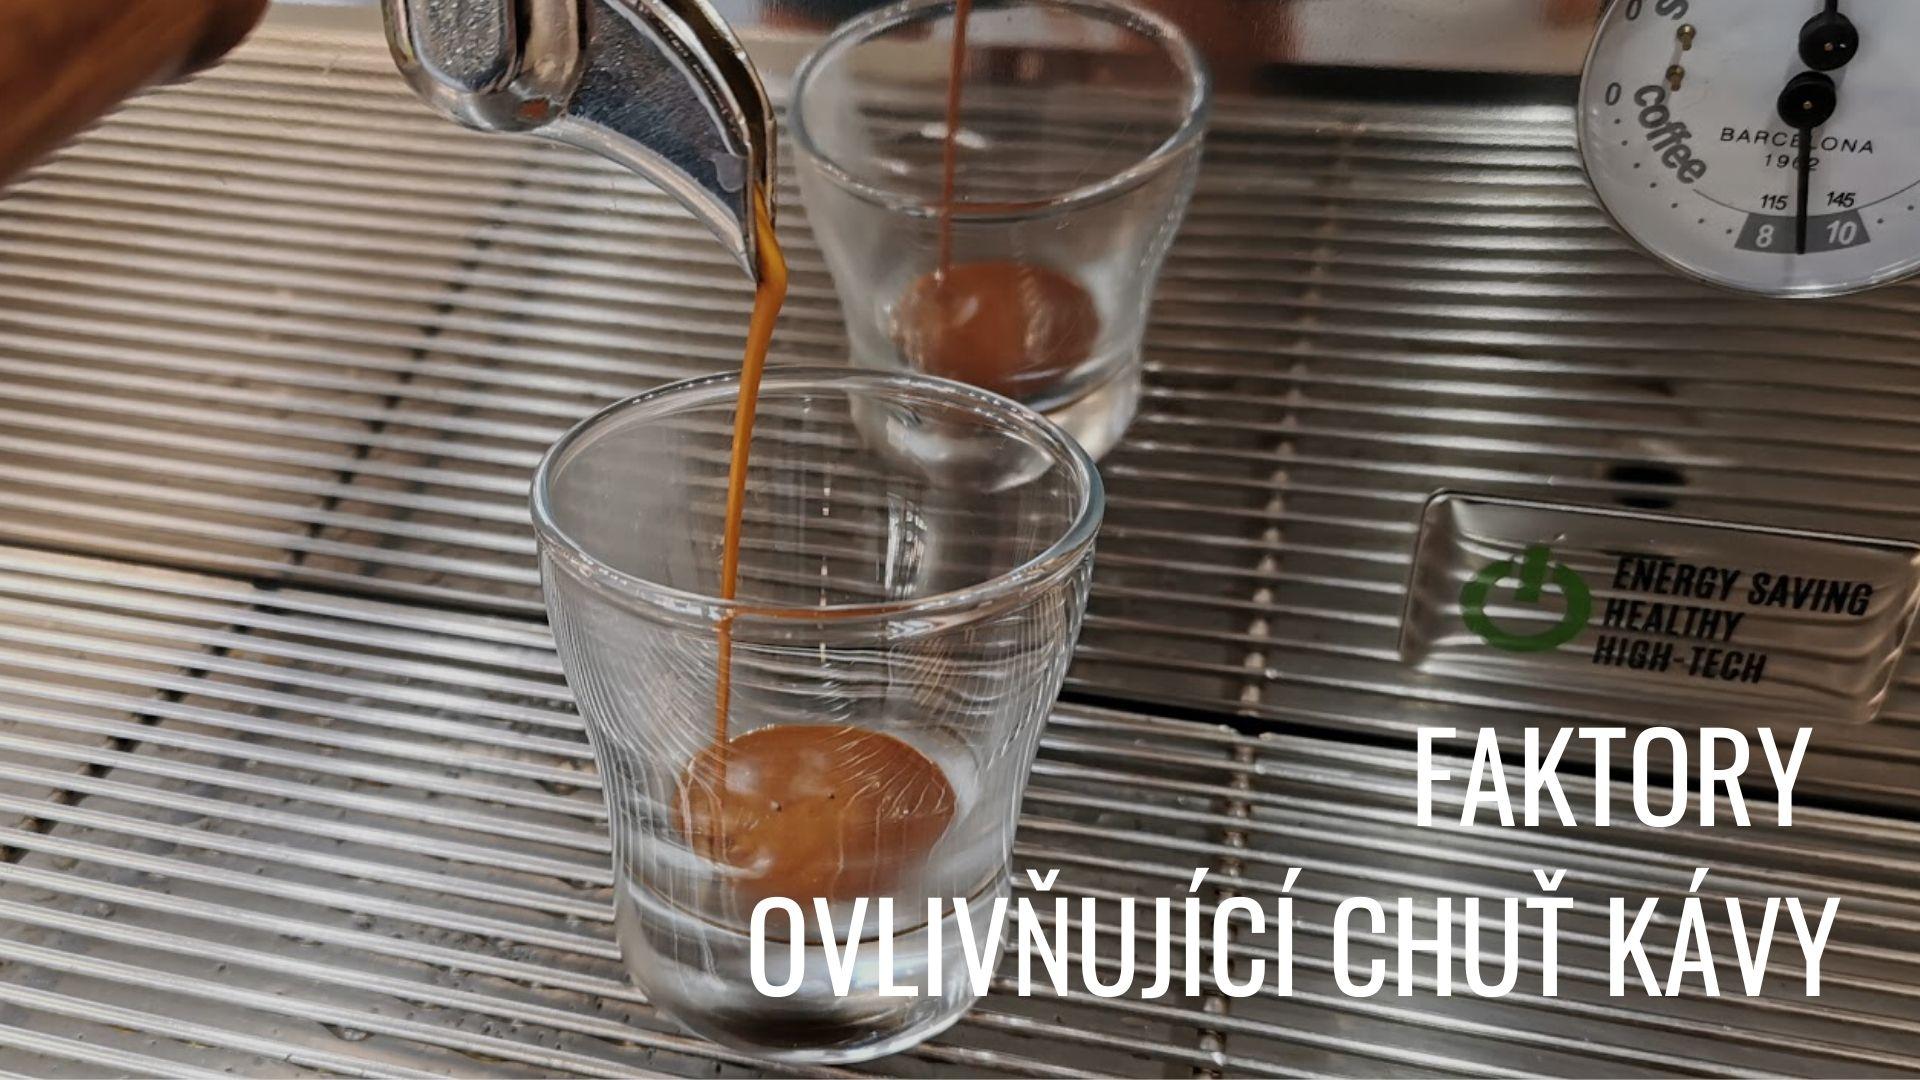 8 faktorů ovlivňujících chuť kávy